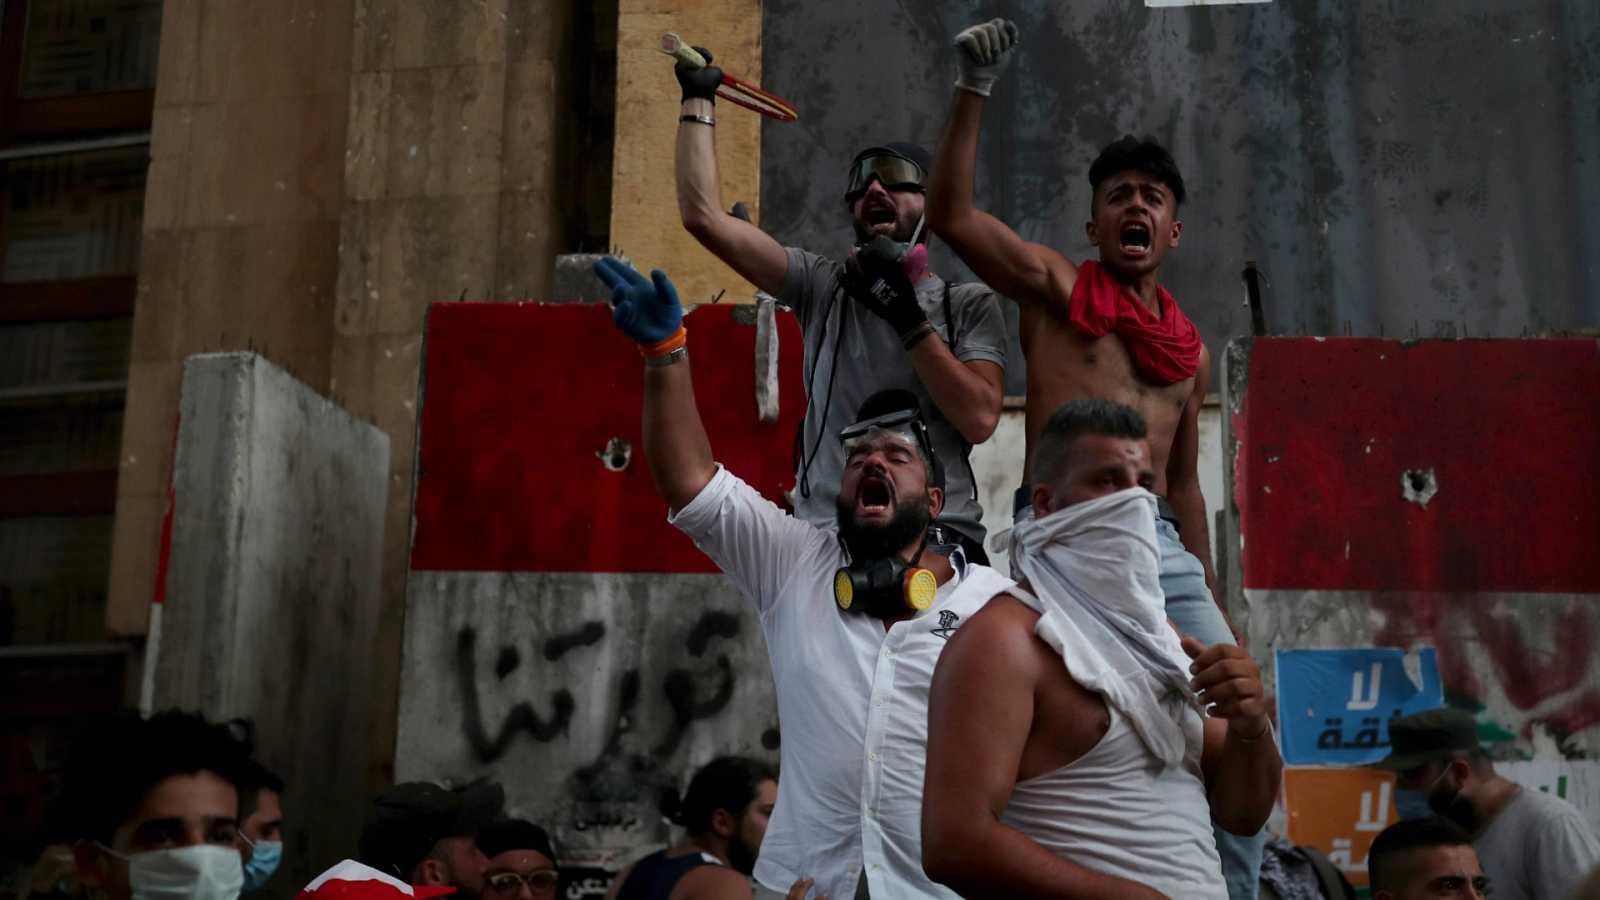 Dimite el Gobierno de Líbano tras la explosión en Beirut